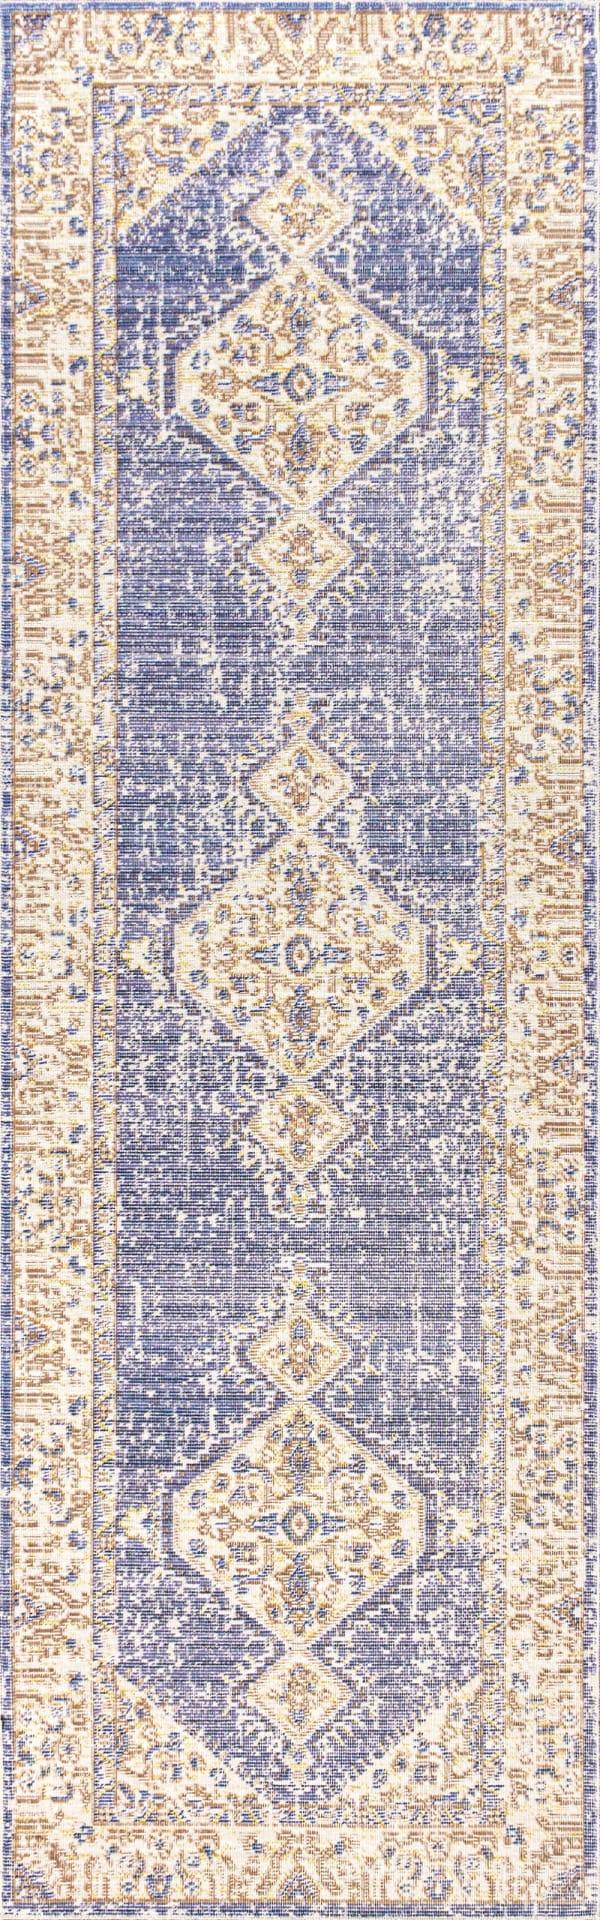 Modern Tribal Medallion Lavender/Gray 2' x 8' Runner Rug